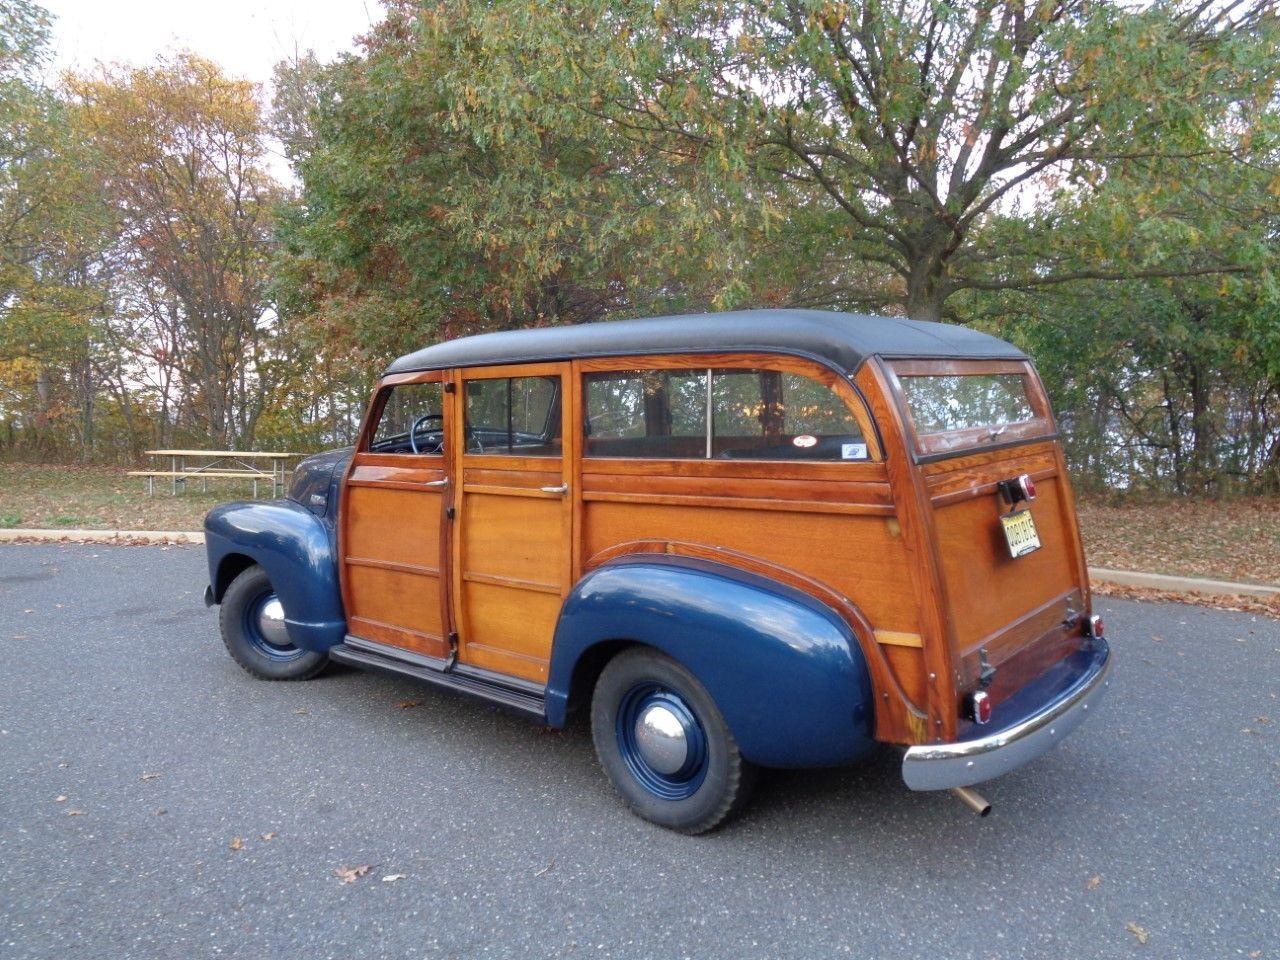 6949 best vintage cars images on Pinterest | Old school cars ...